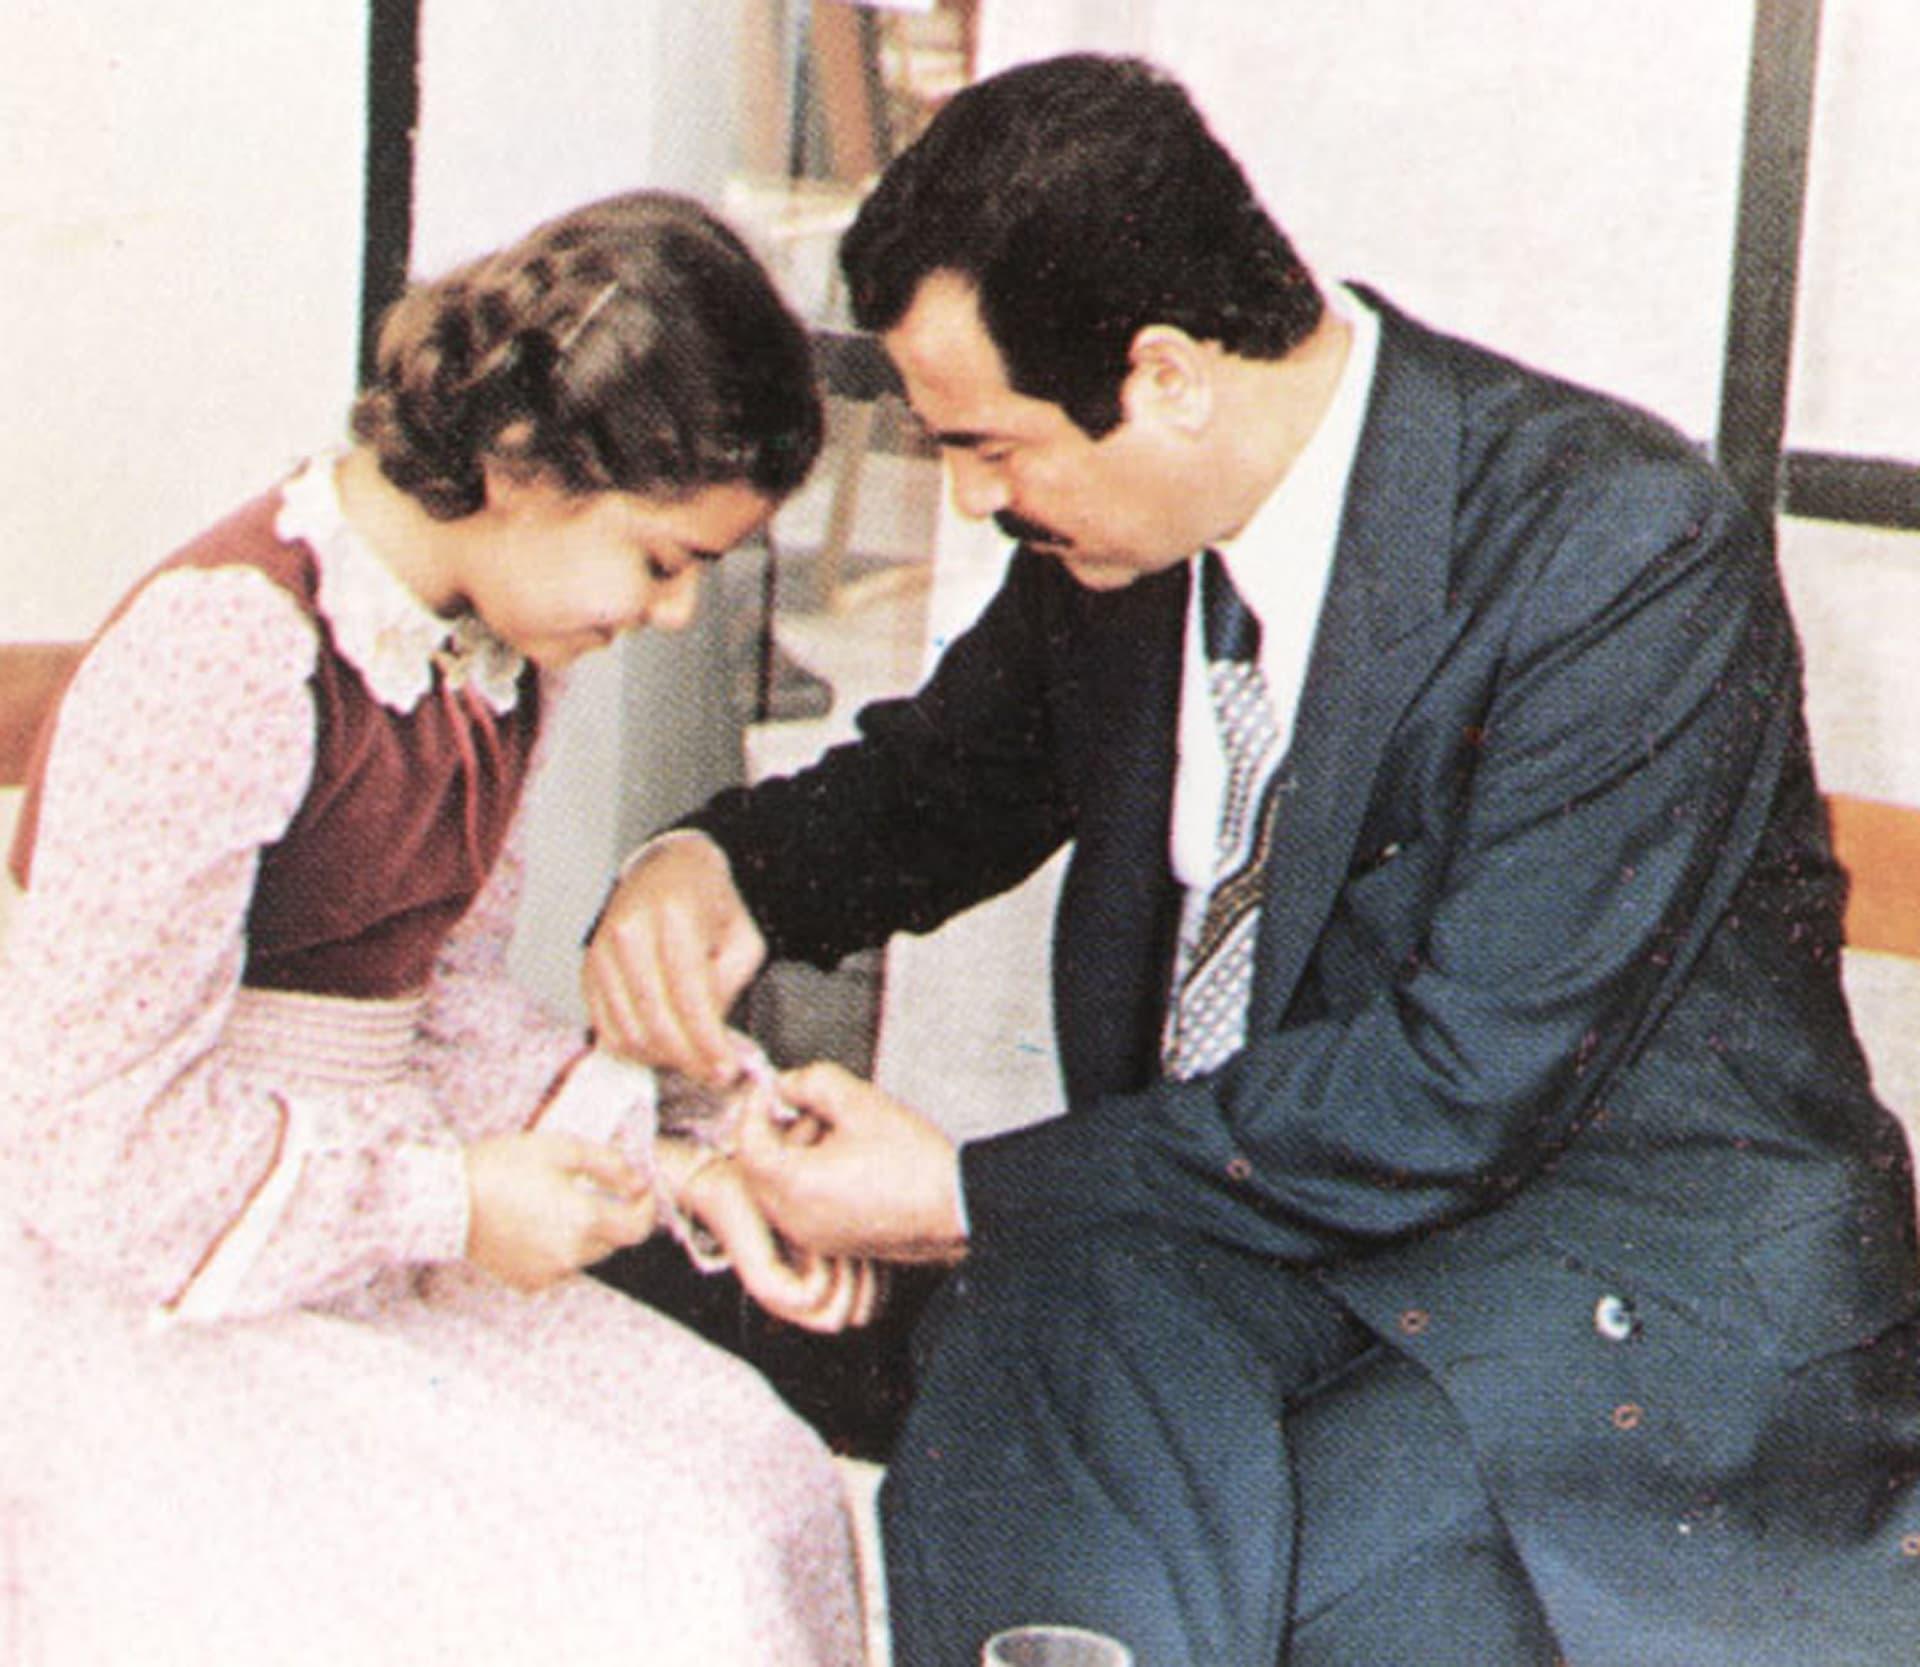 محامي رغد لـ CNN بالعربية: لا صحة لأخبار نقل رفات صدام حسين من تكريت إلى الأردن